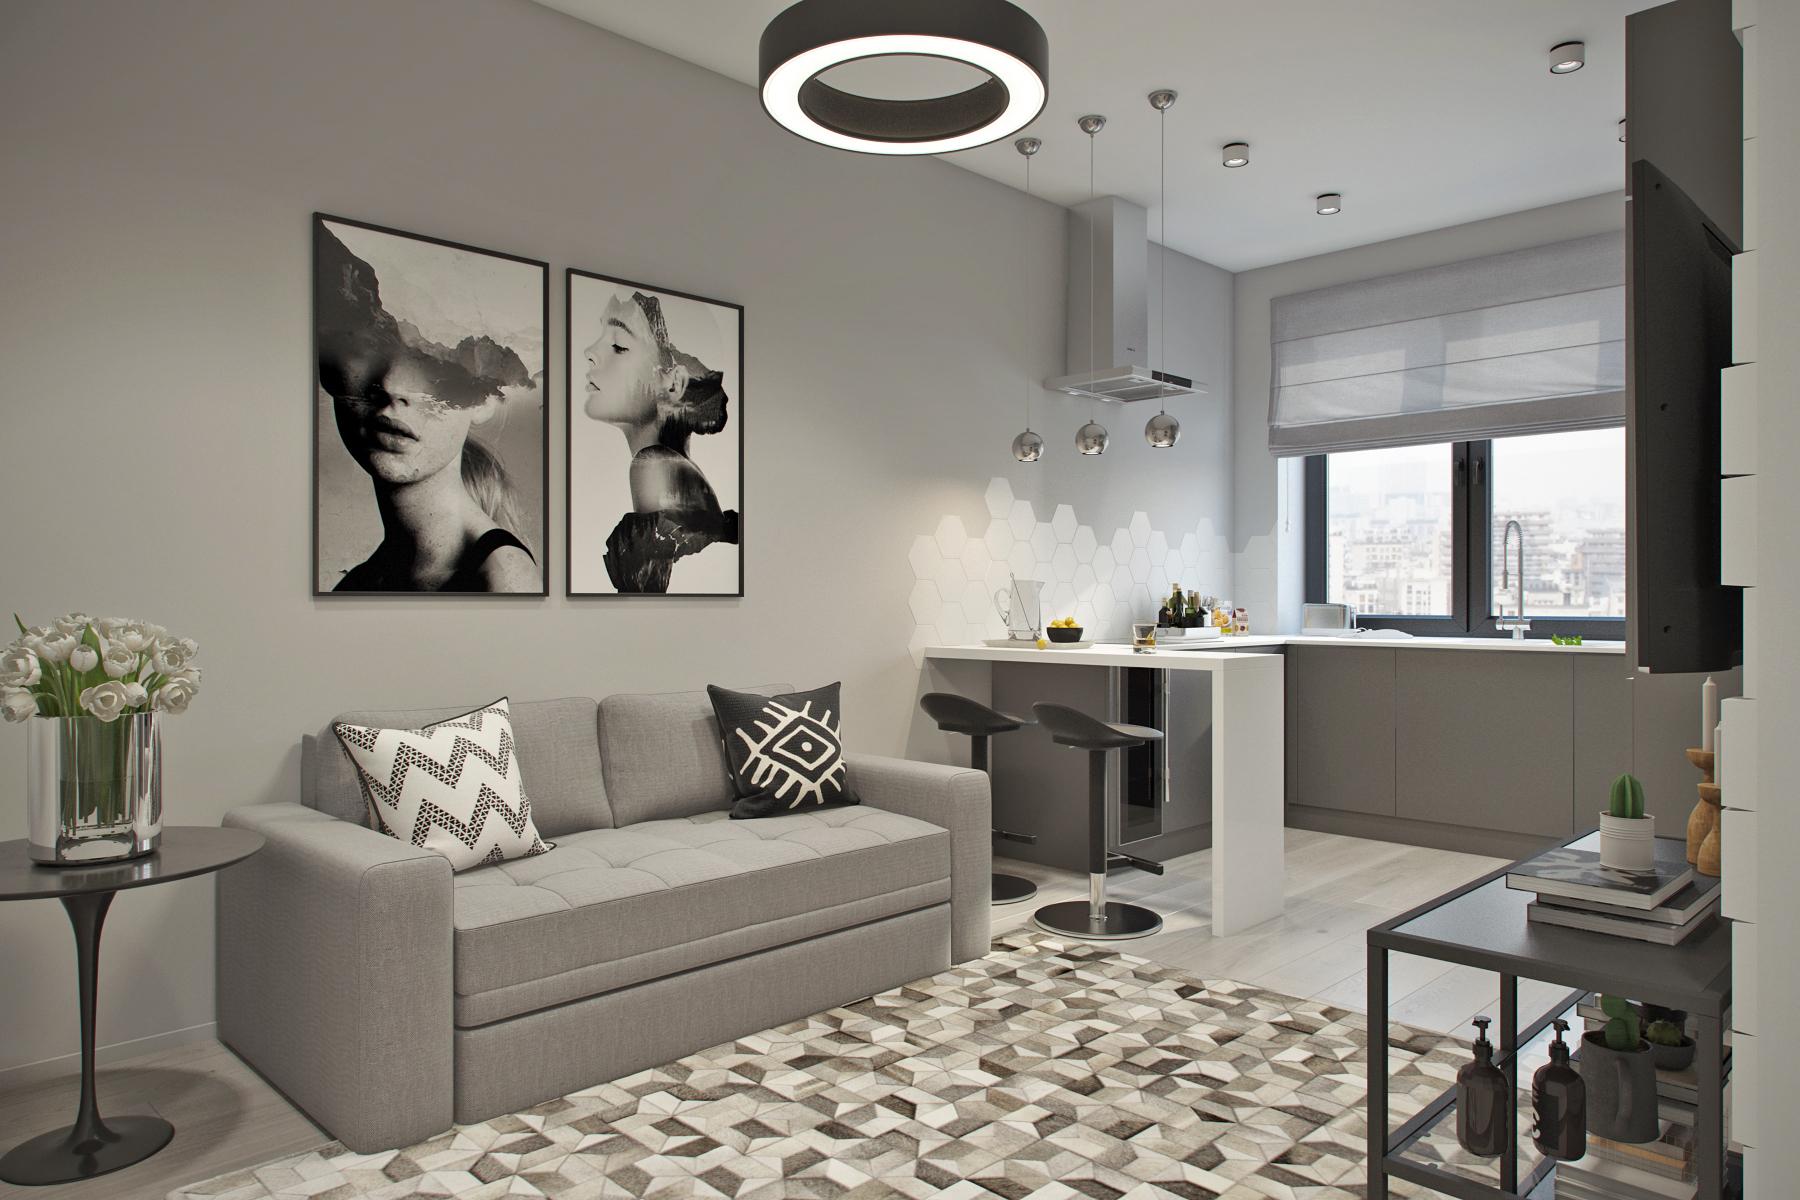 6 тонкостей дизайна интерьера для квартиры-студии